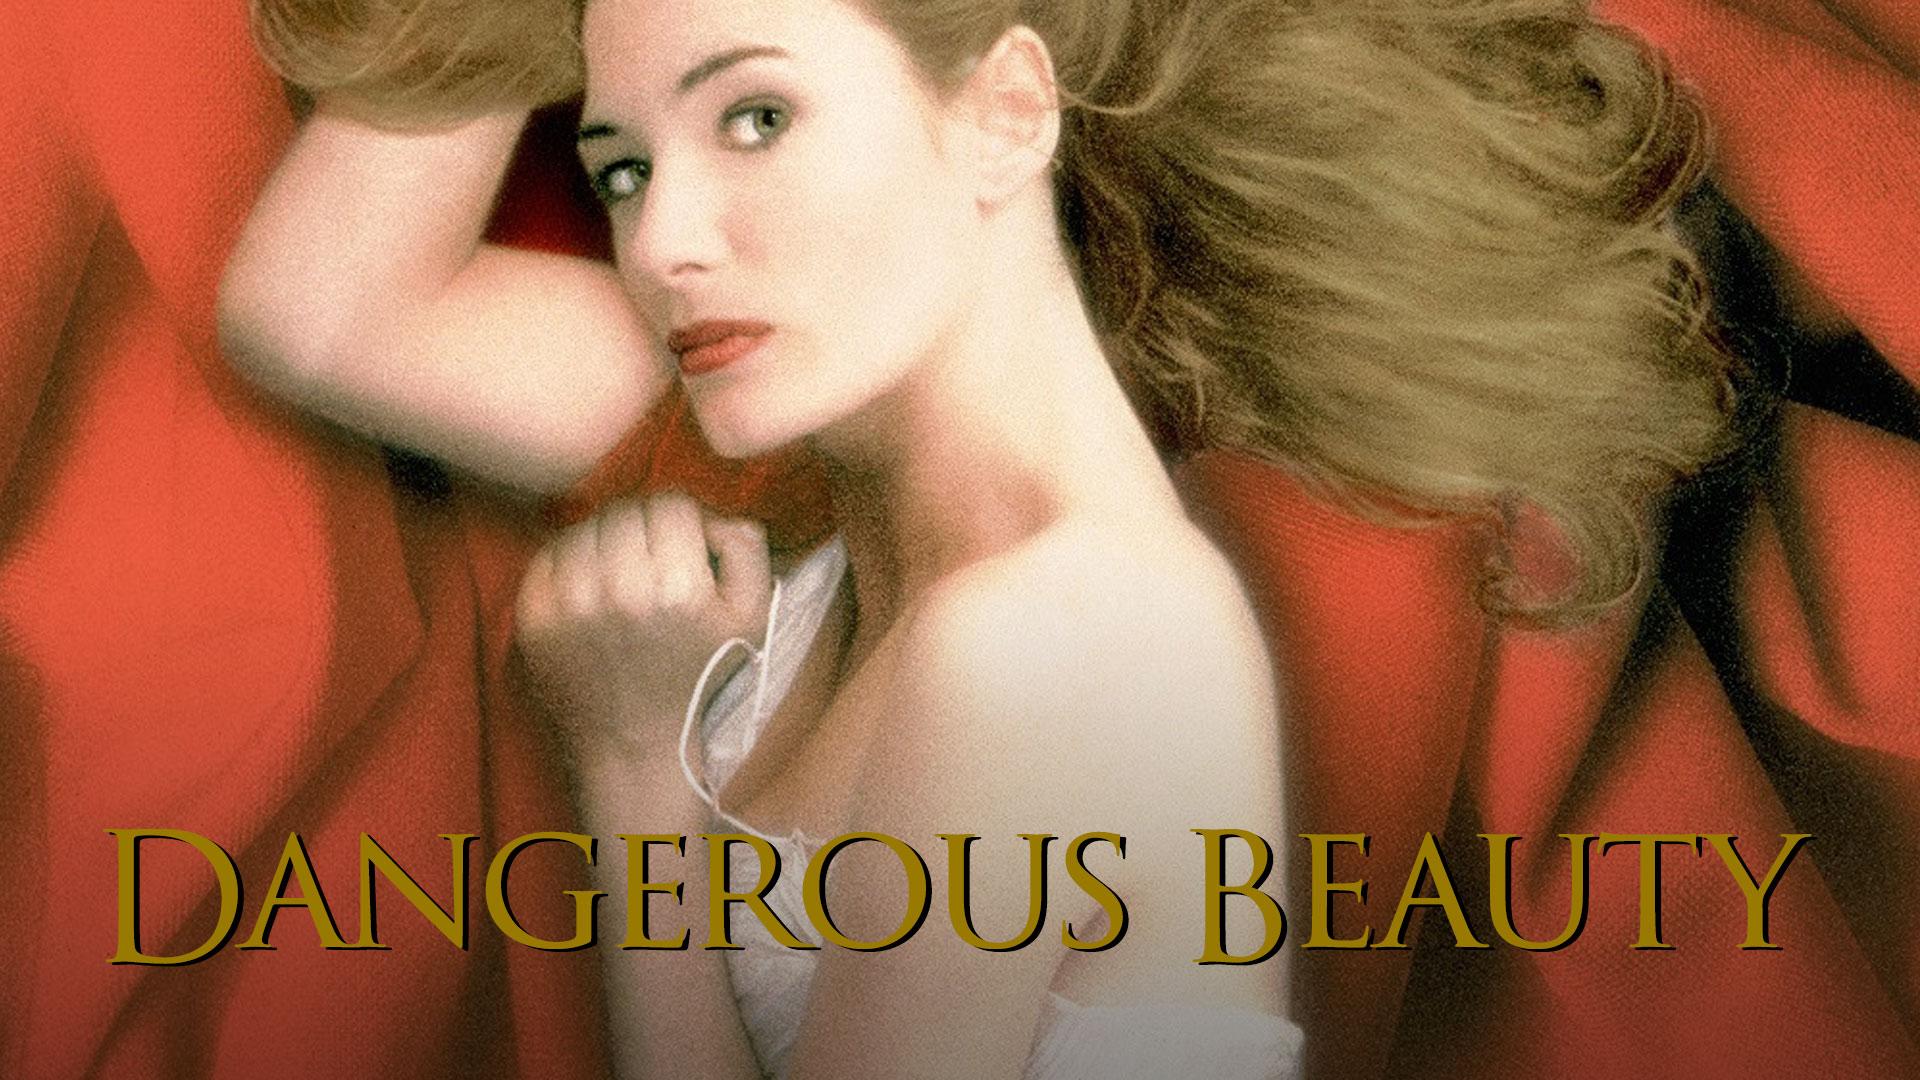 Dangerous Beauty (字幕版)